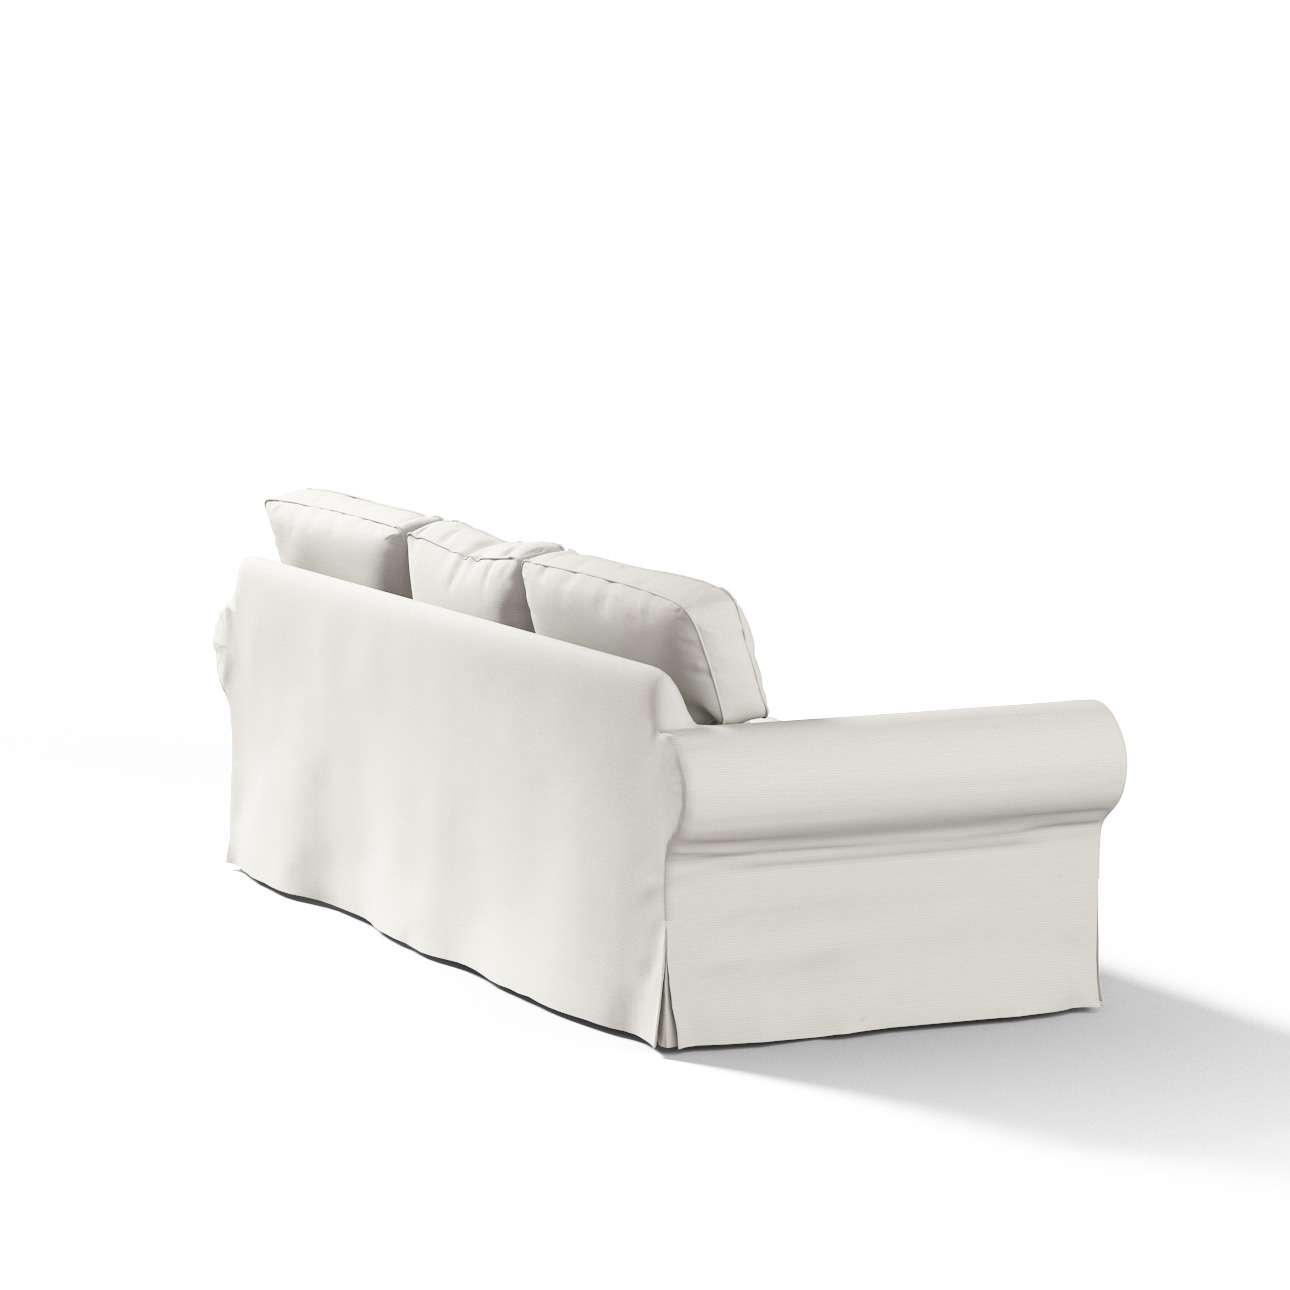 Pokrowiec na sofę Ektorp 3-osobową, rozkładaną STARY MODEL Sofa Ektorp 3-osobowa rozkładana w kolekcji Cotton Panama, tkanina: 702-31